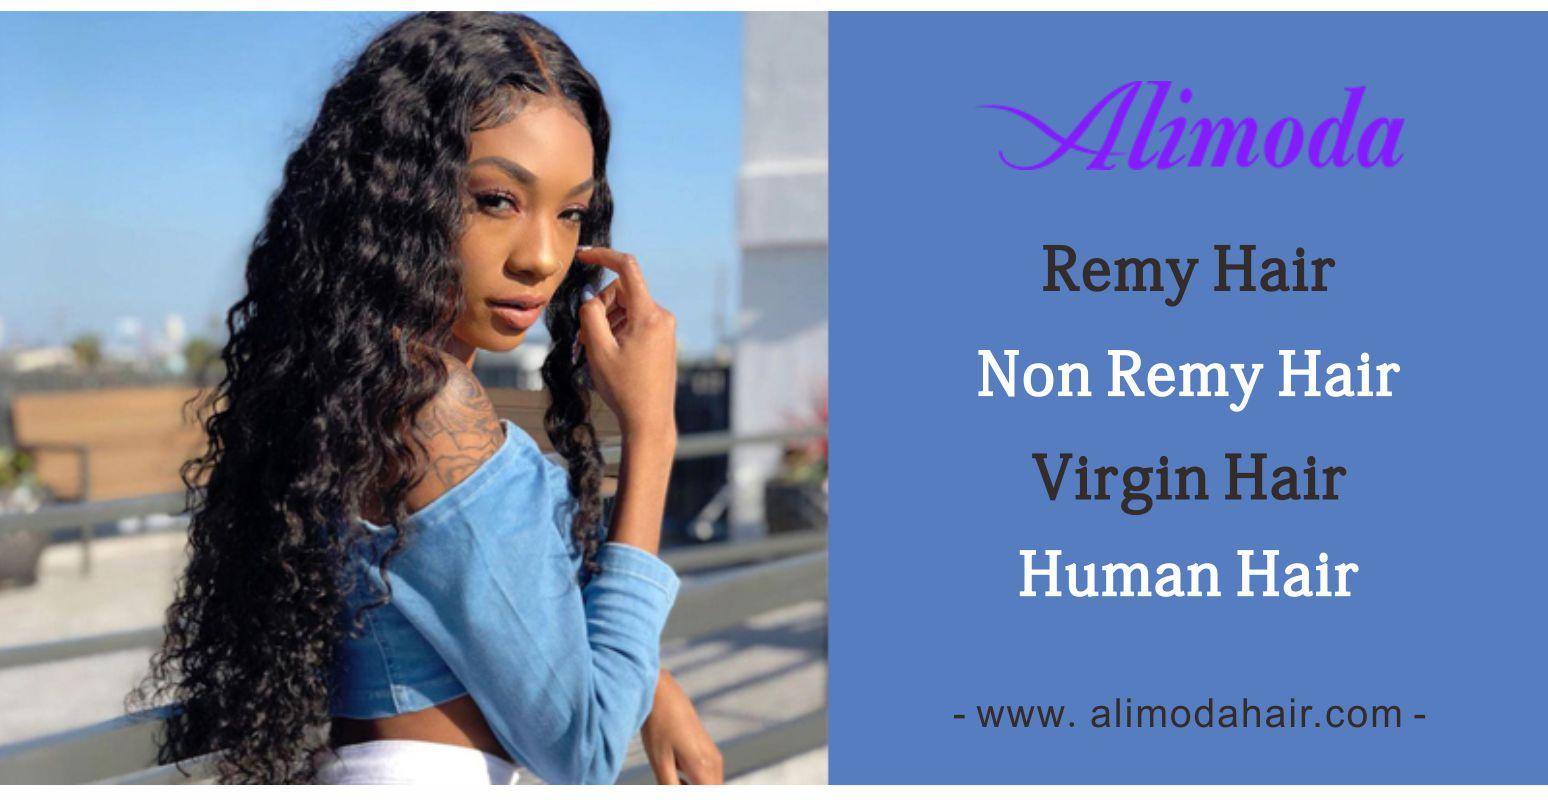 What is remy hair, non-remy hair, virgin hair, human hair?